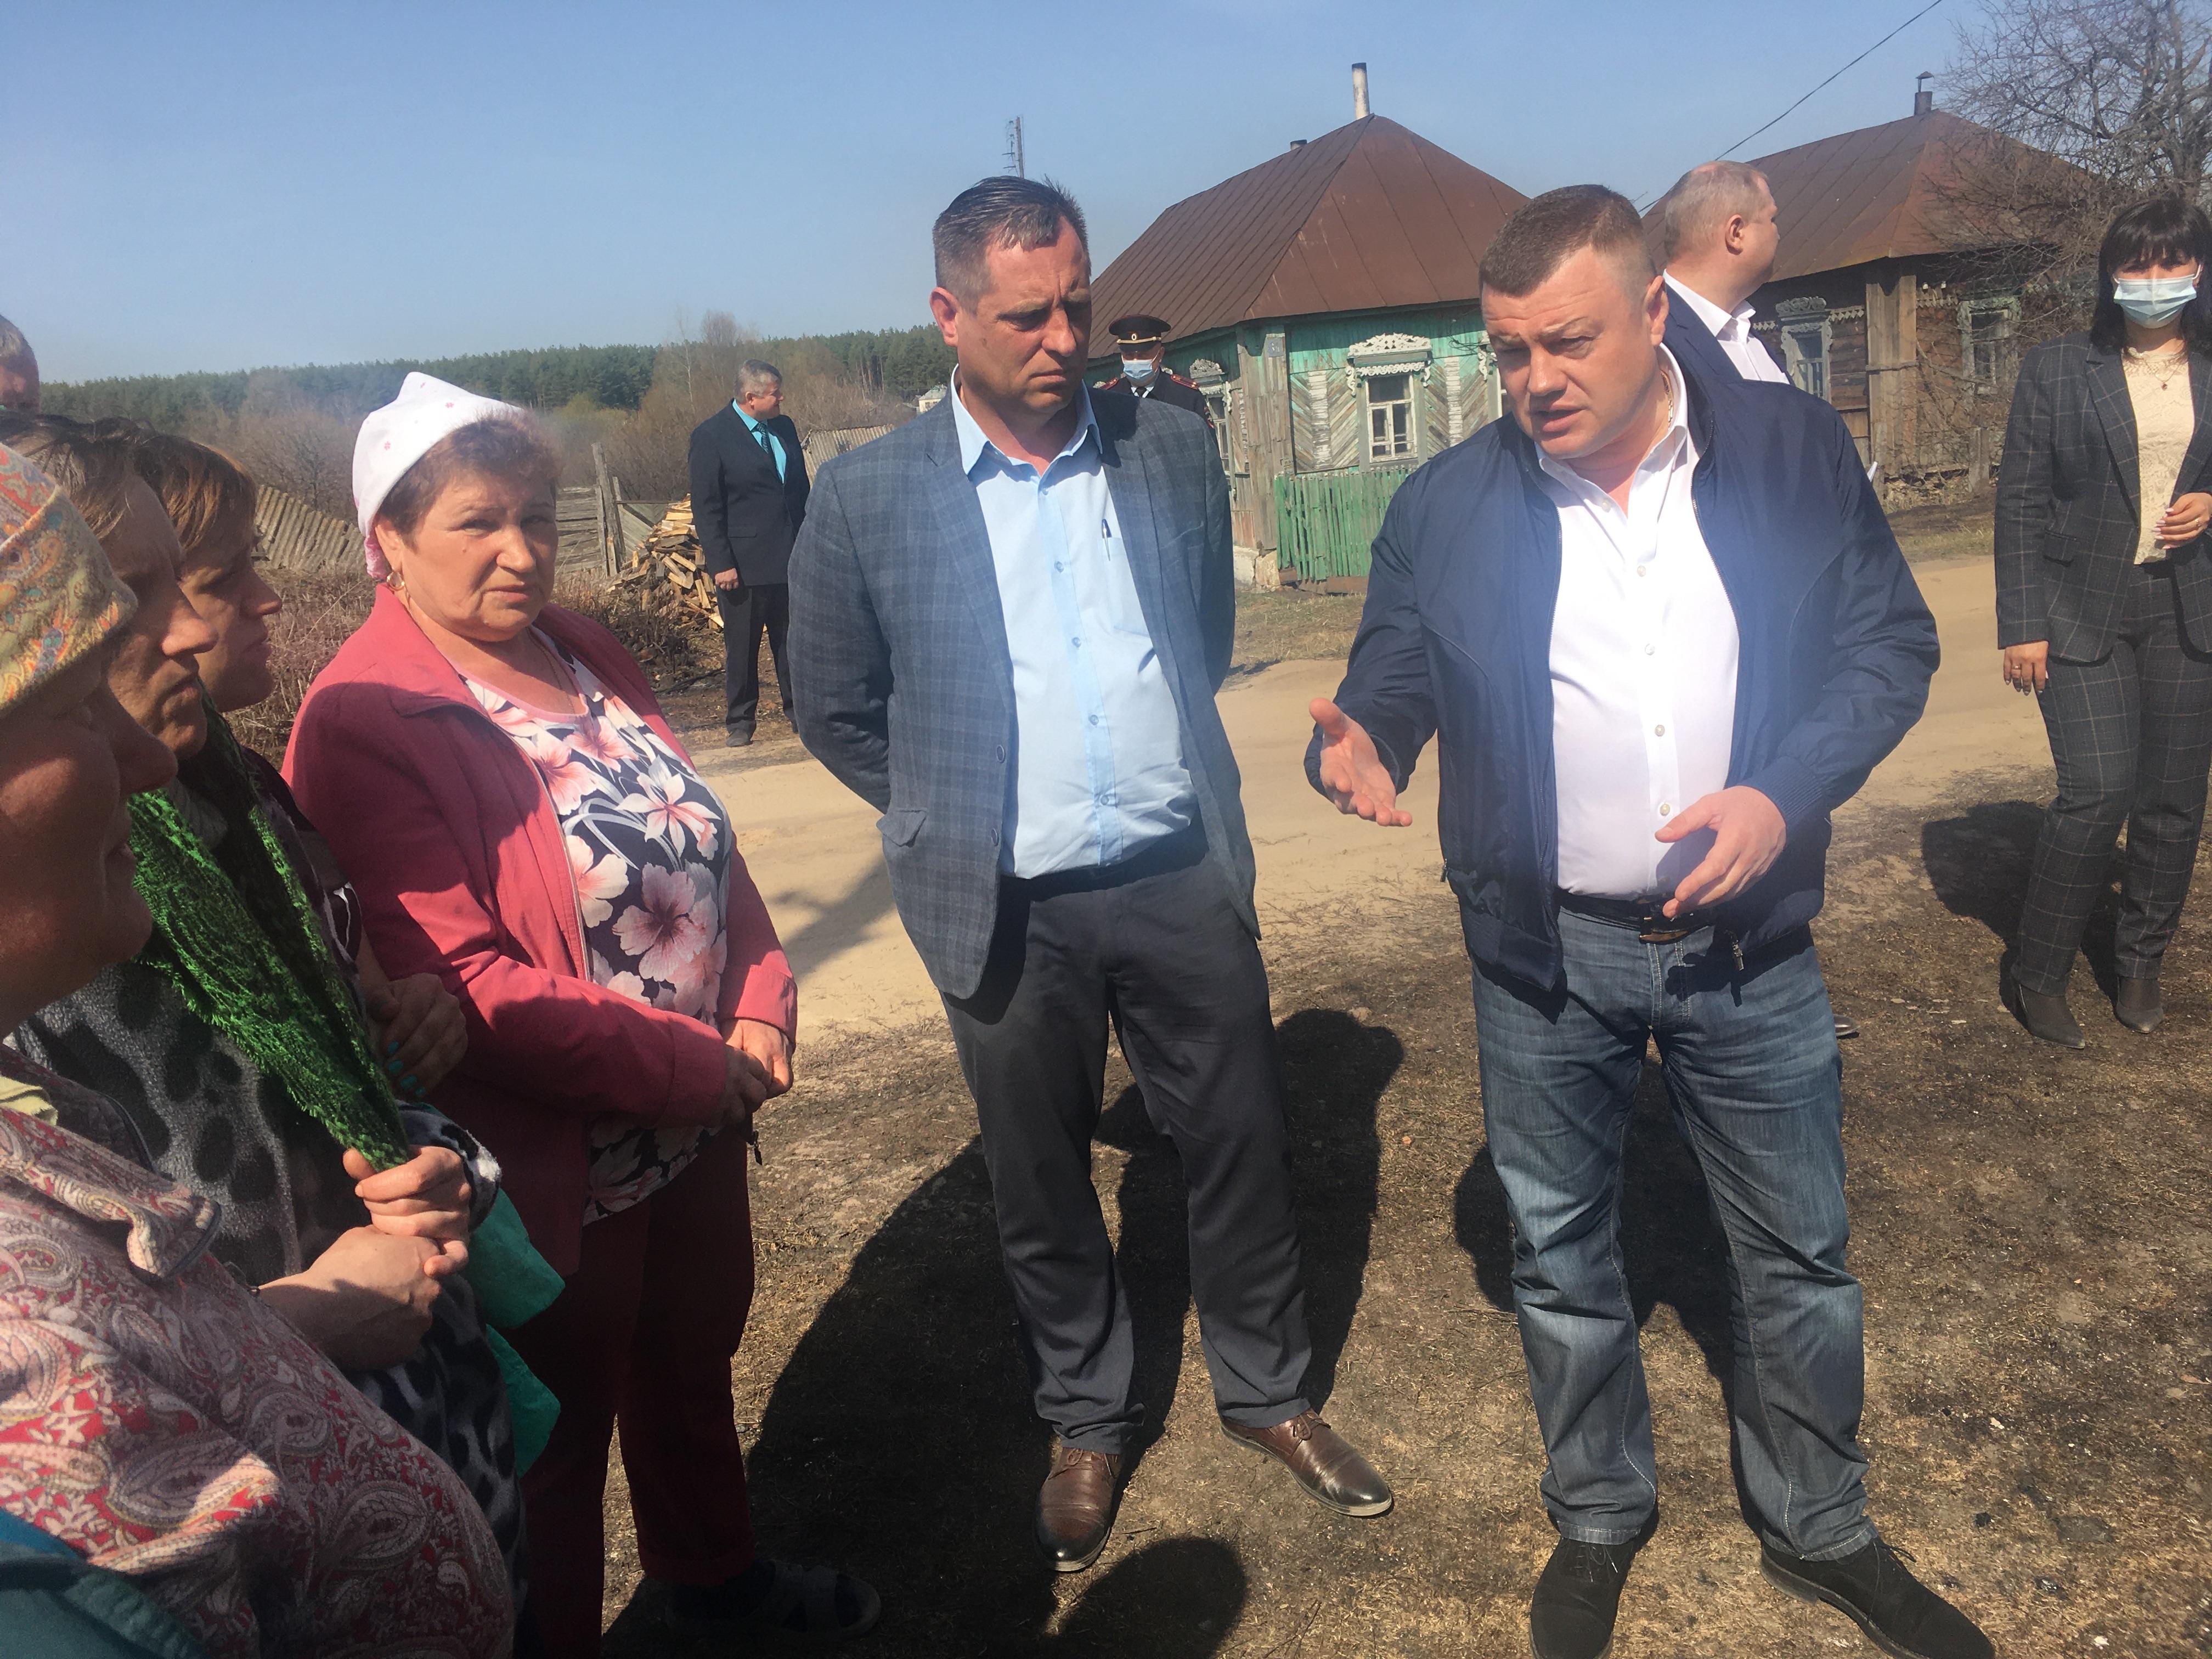 Региональные власти обещают оказать помощь жителям сгоревшего села в Сосновском районе